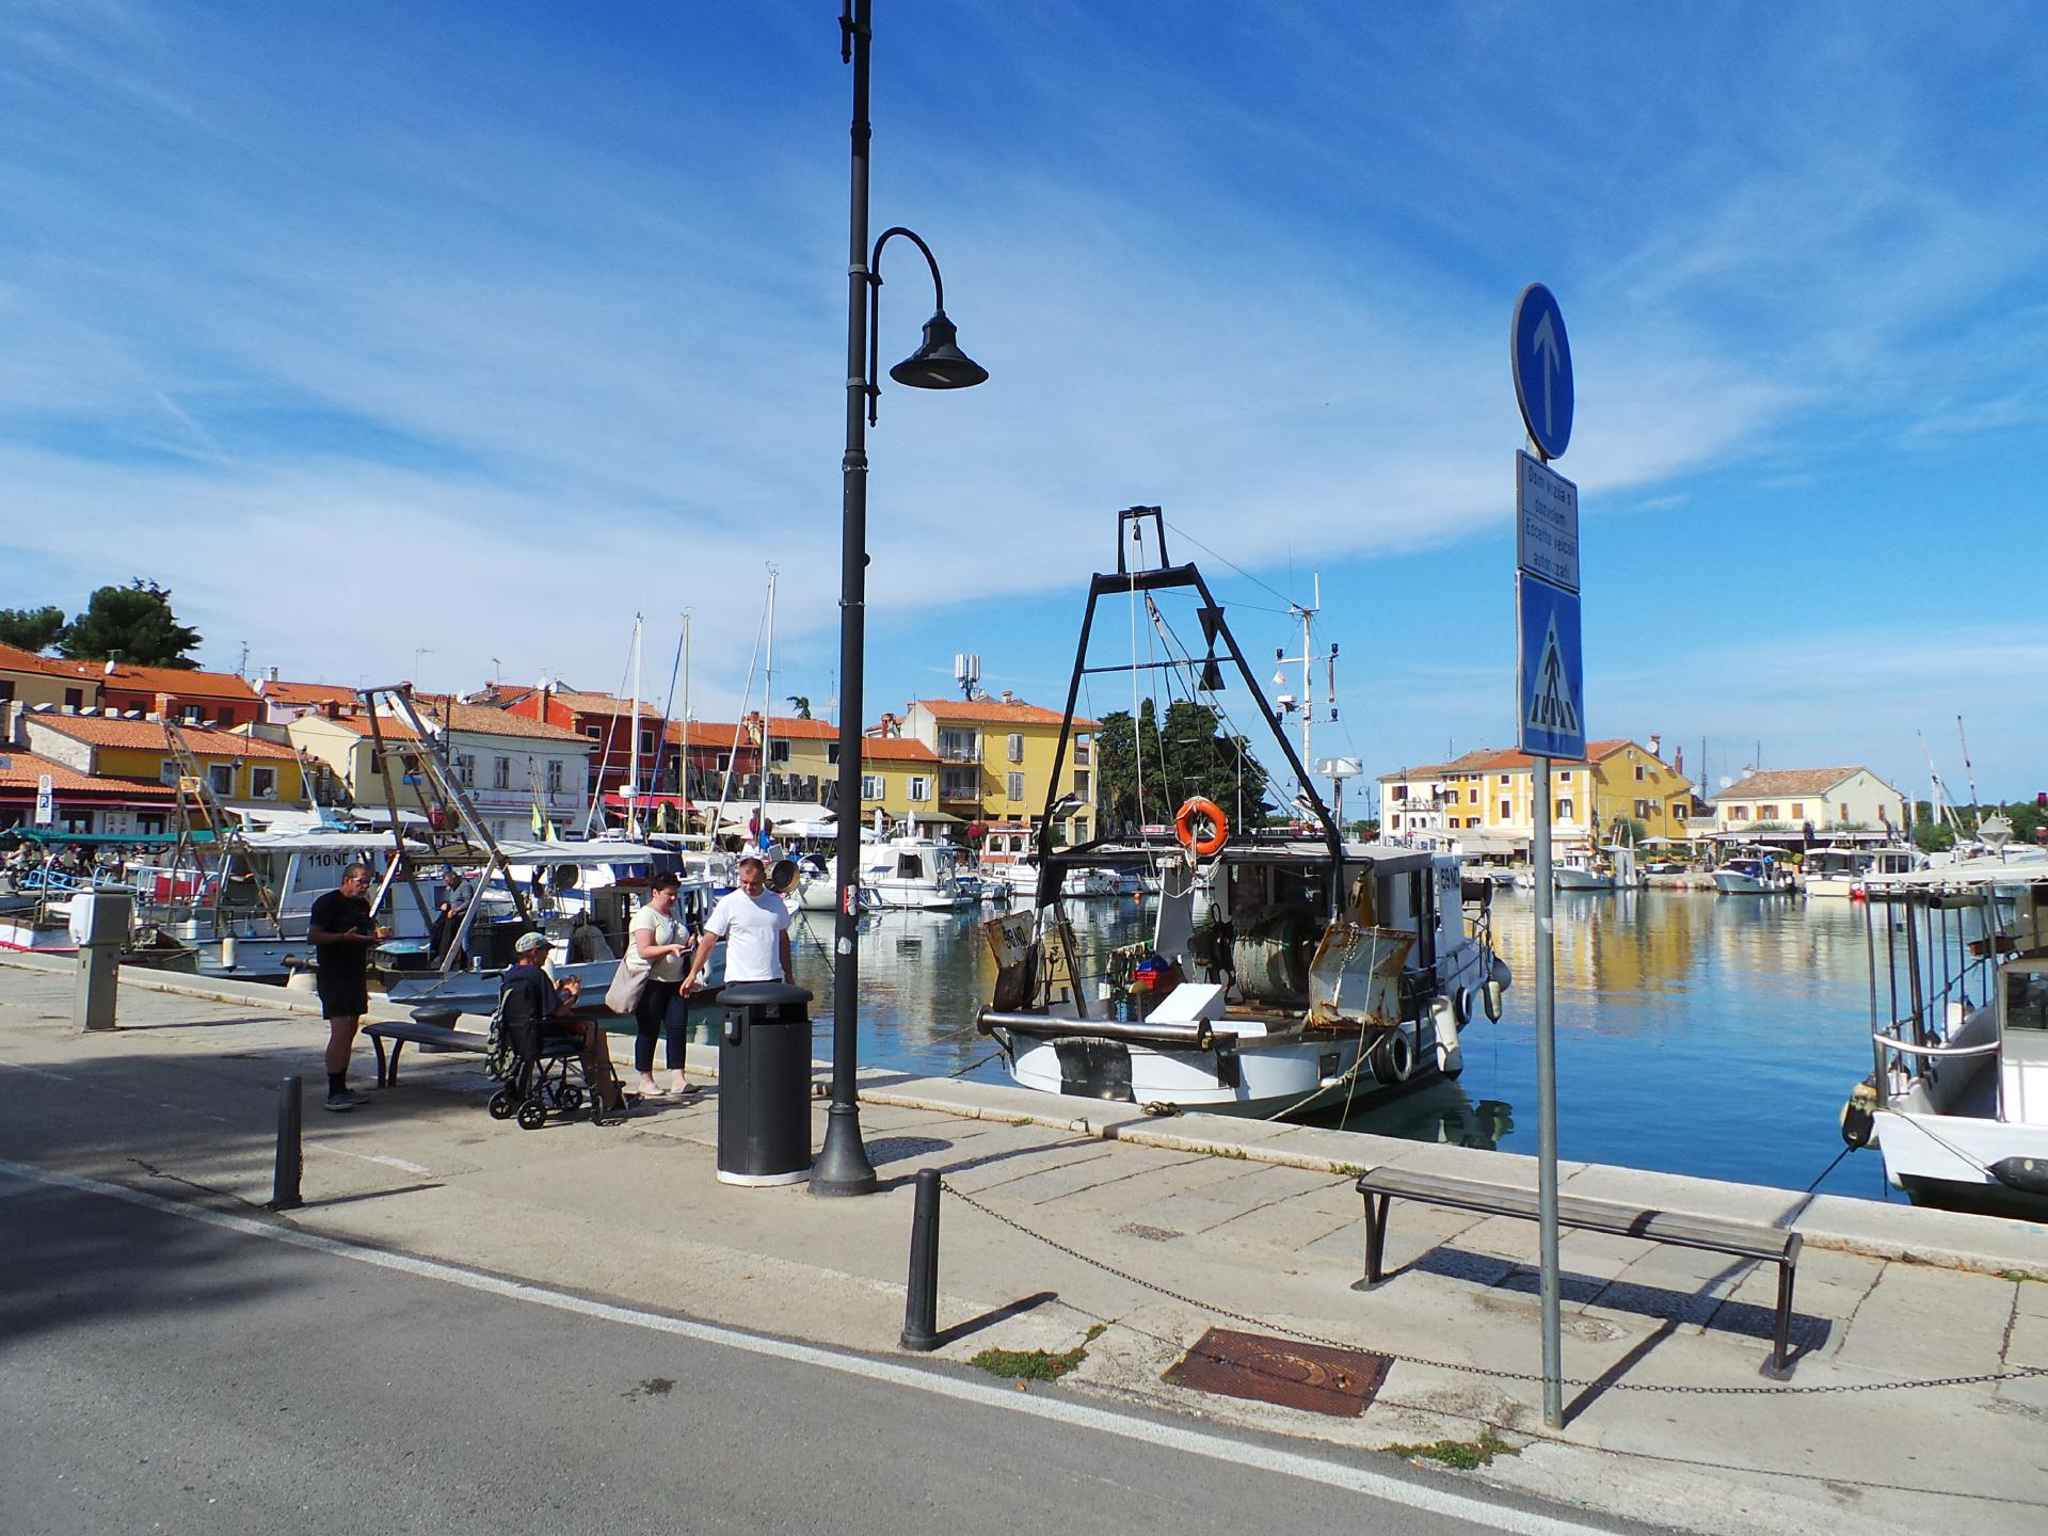 Ferienwohnung mit 4 Bäder nur 250 m von der Adria (278909), Zadar, , Dalmatien, Kroatien, Bild 30